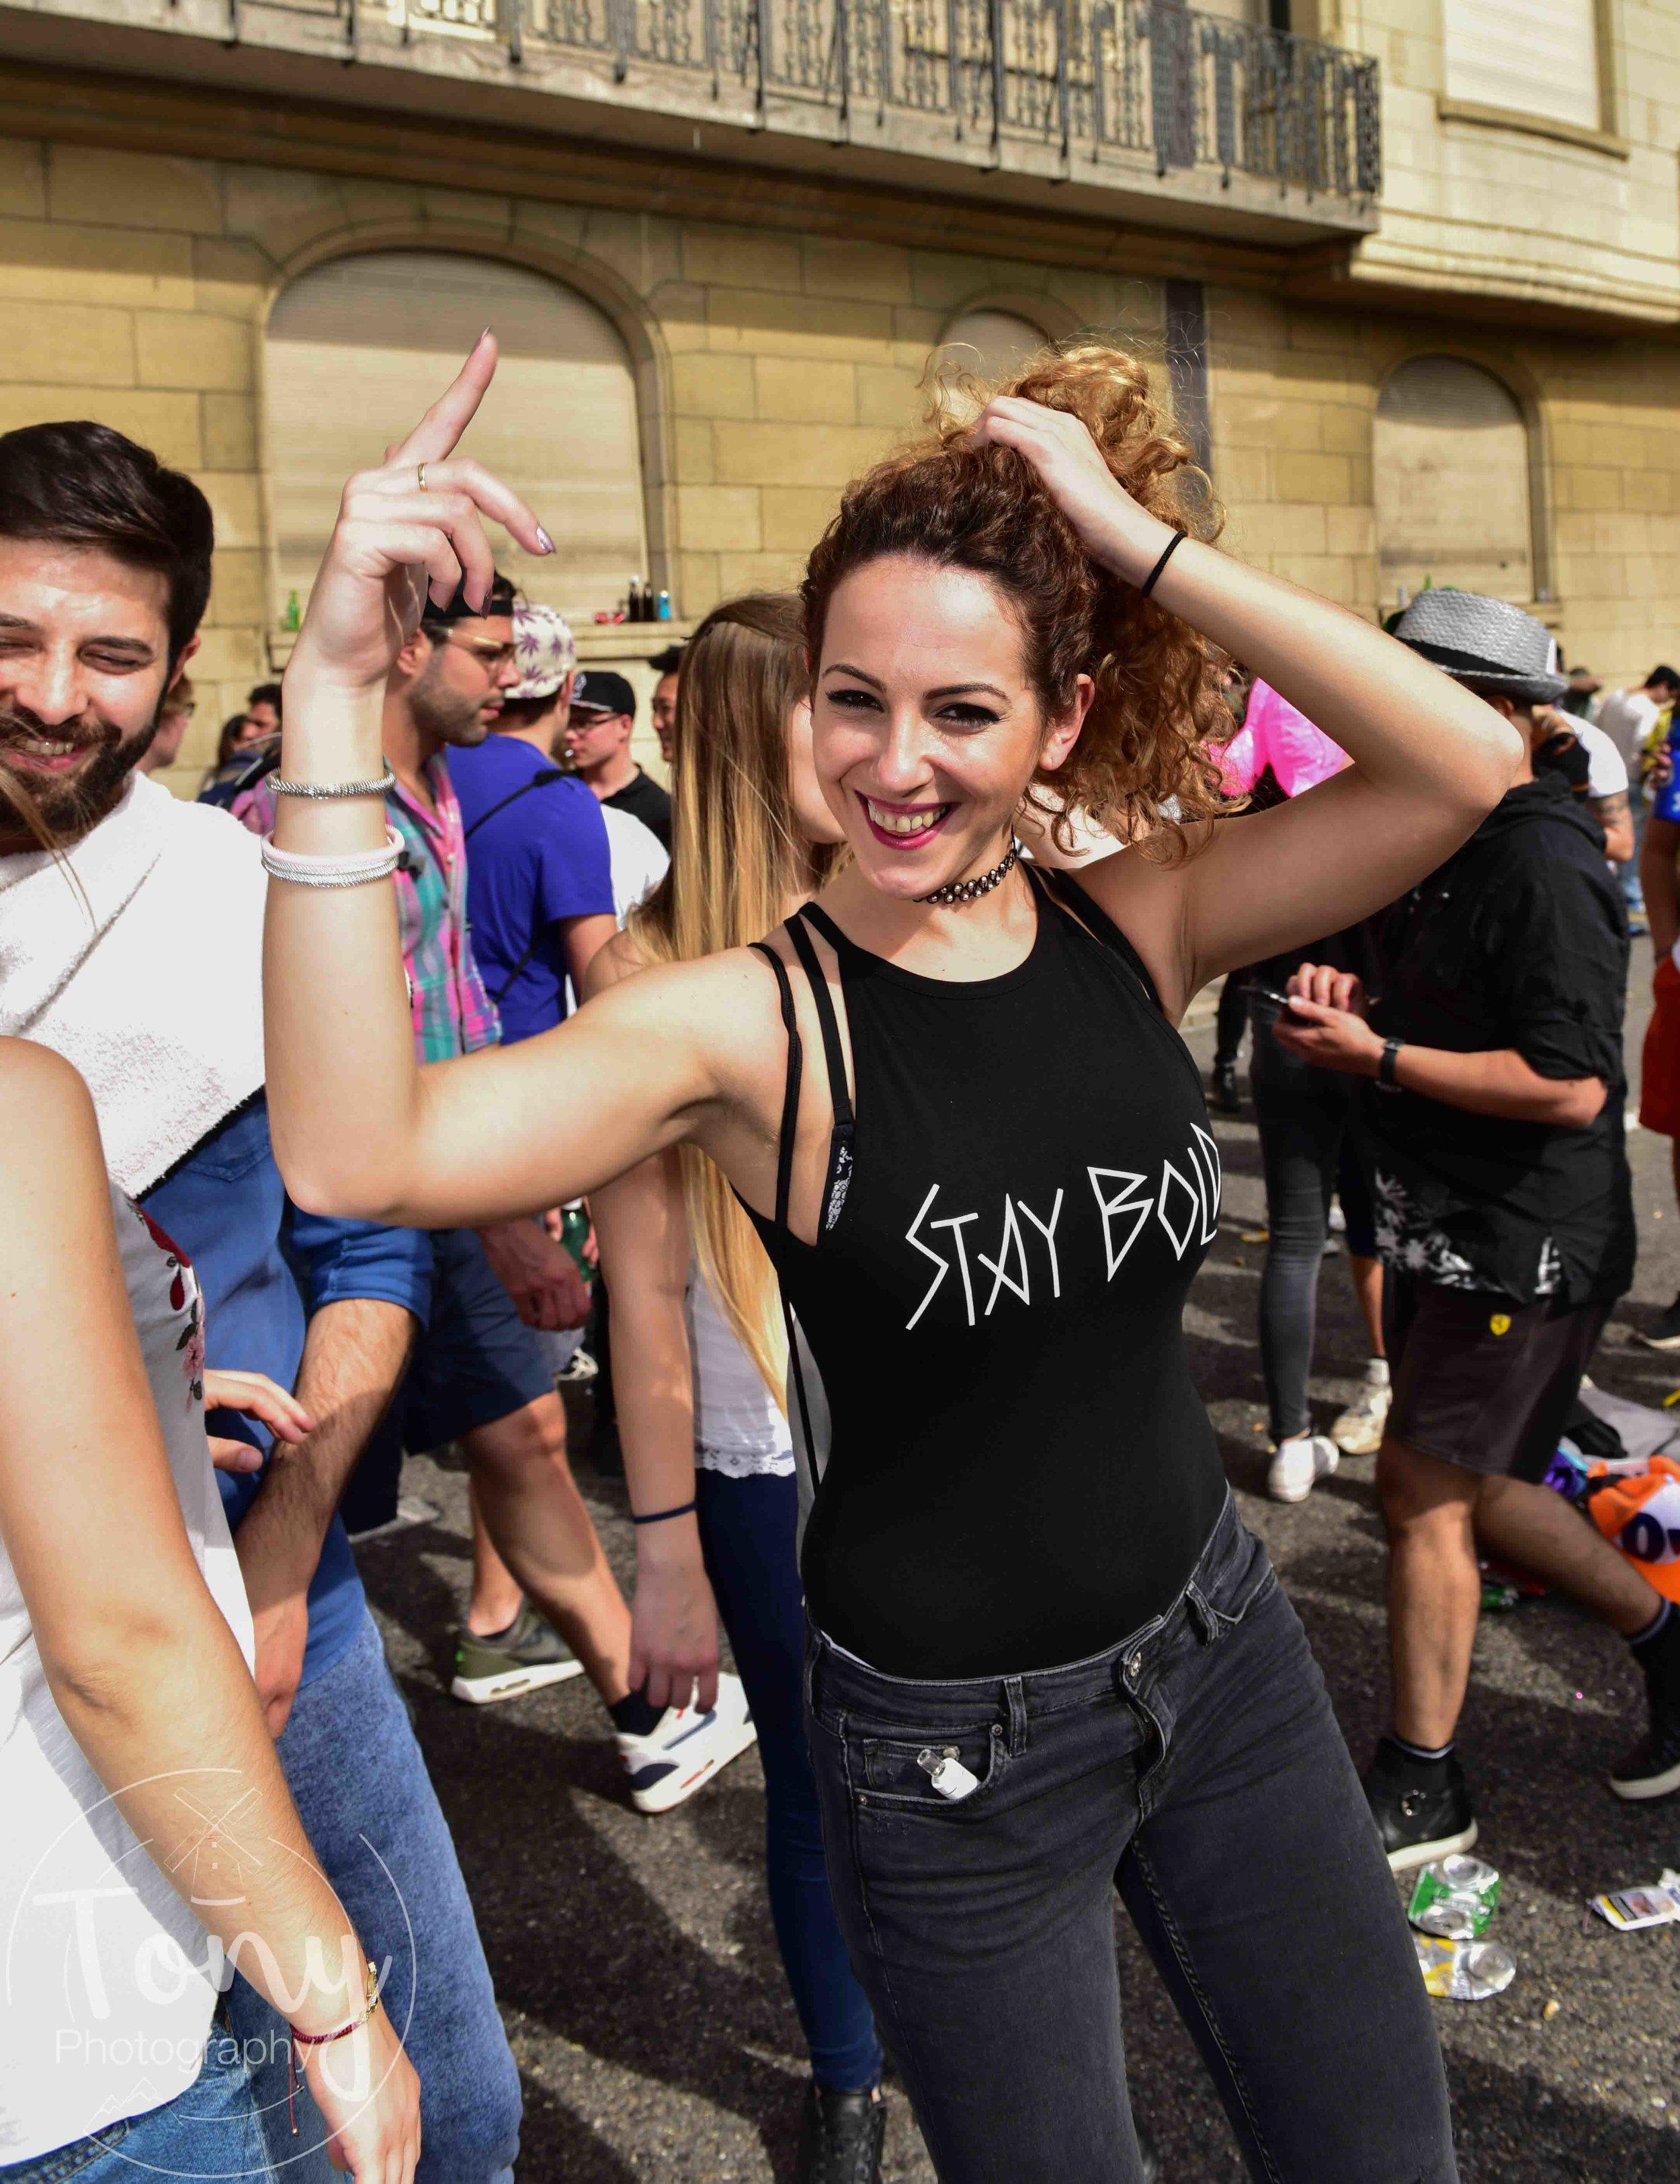 streetparade-157.jpg